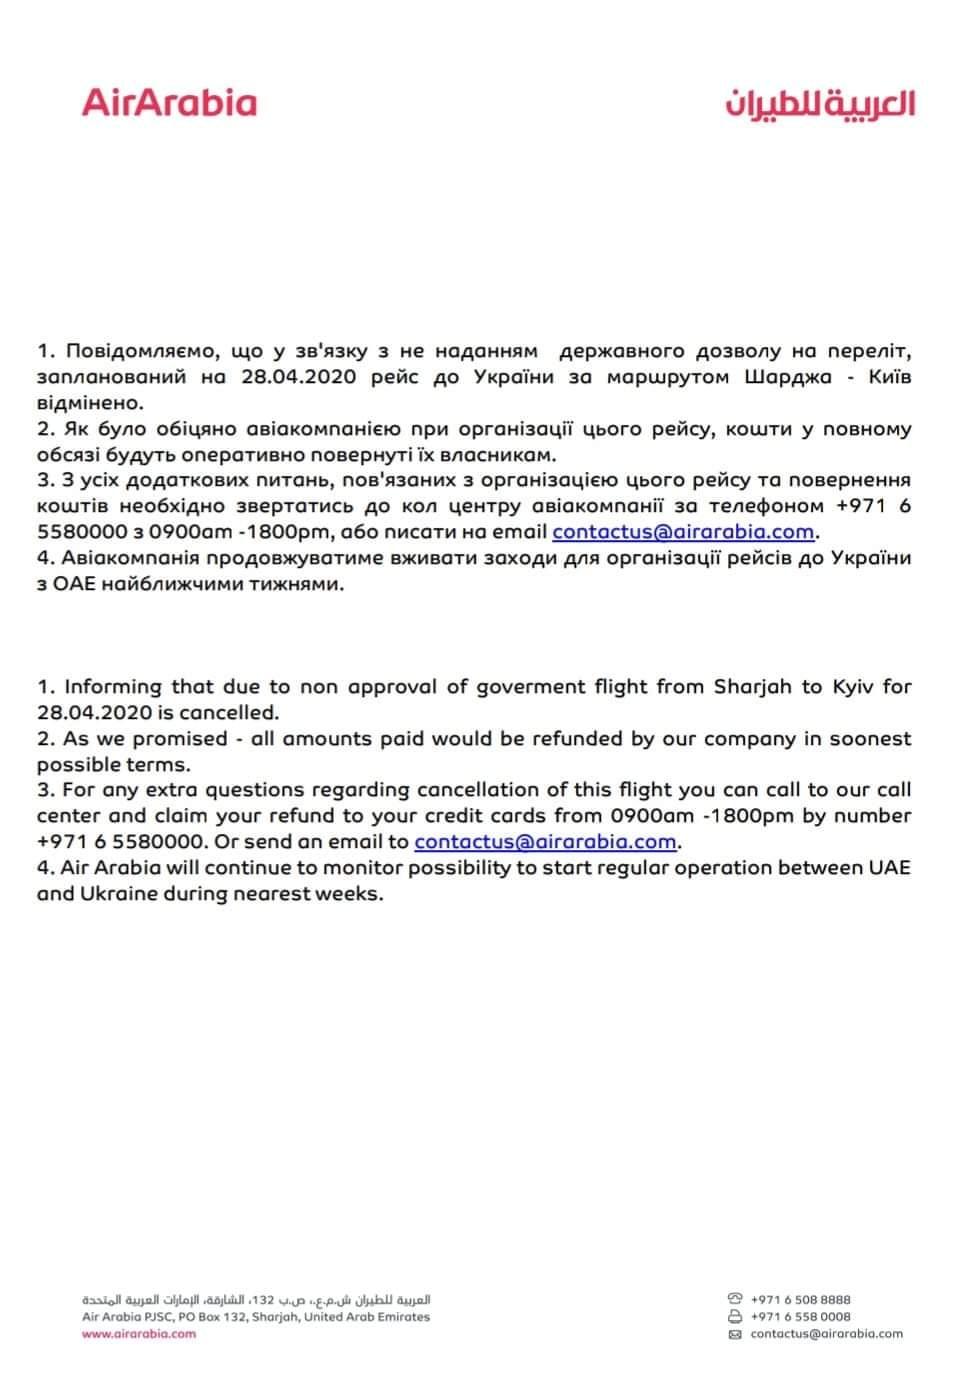 Письмо AirArabia об отмене рейса в Киев (фото: Yevheniy Semenov/Facebook)